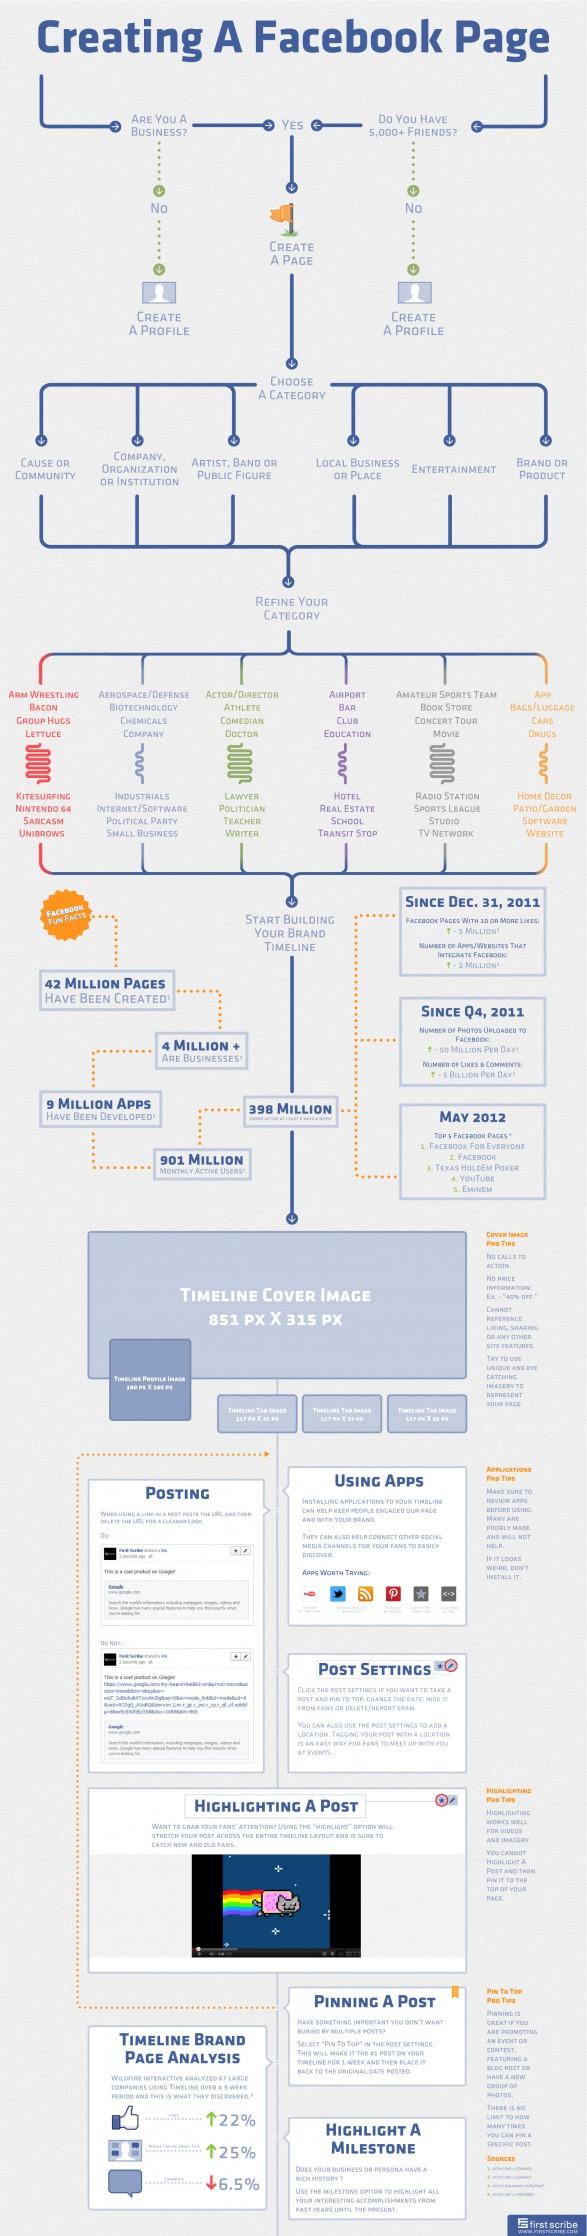 Infografía: Como crear una página de Facebook